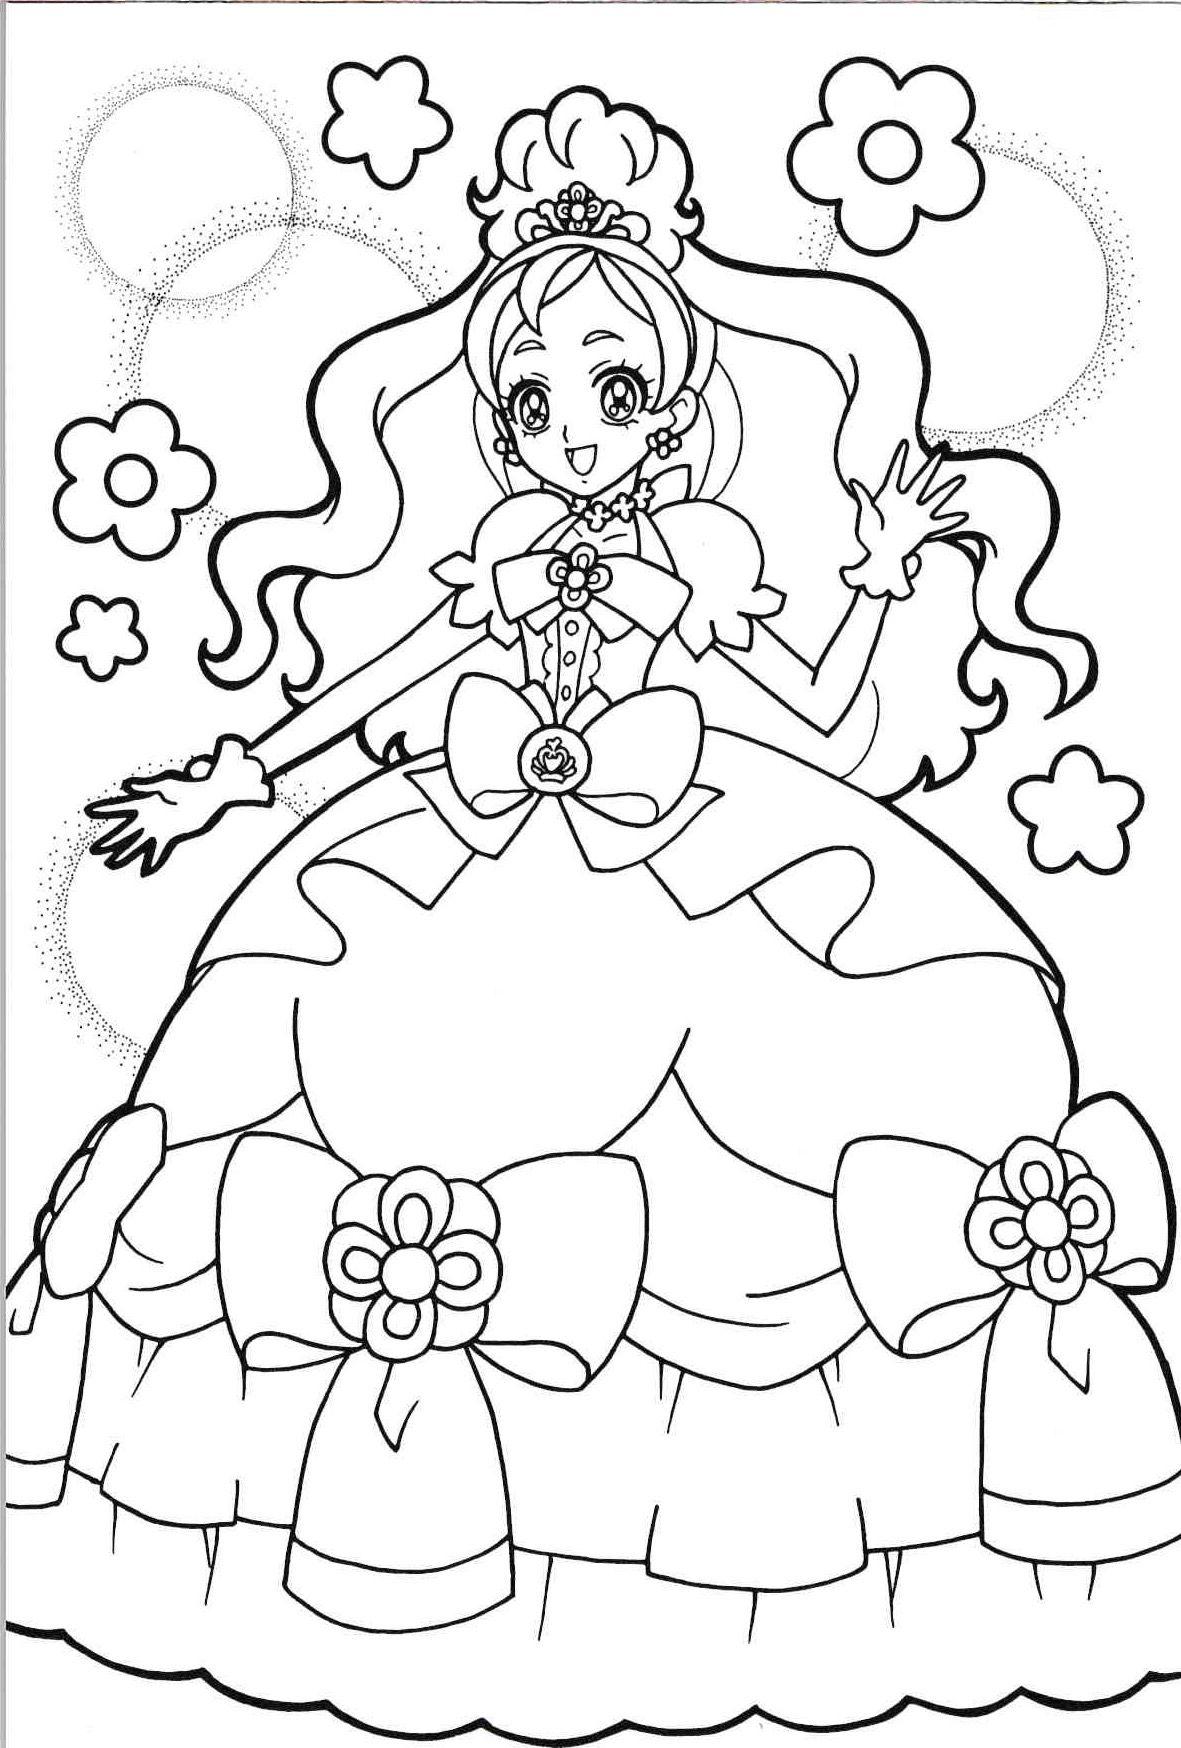 Tranh tô màu anime công chúa